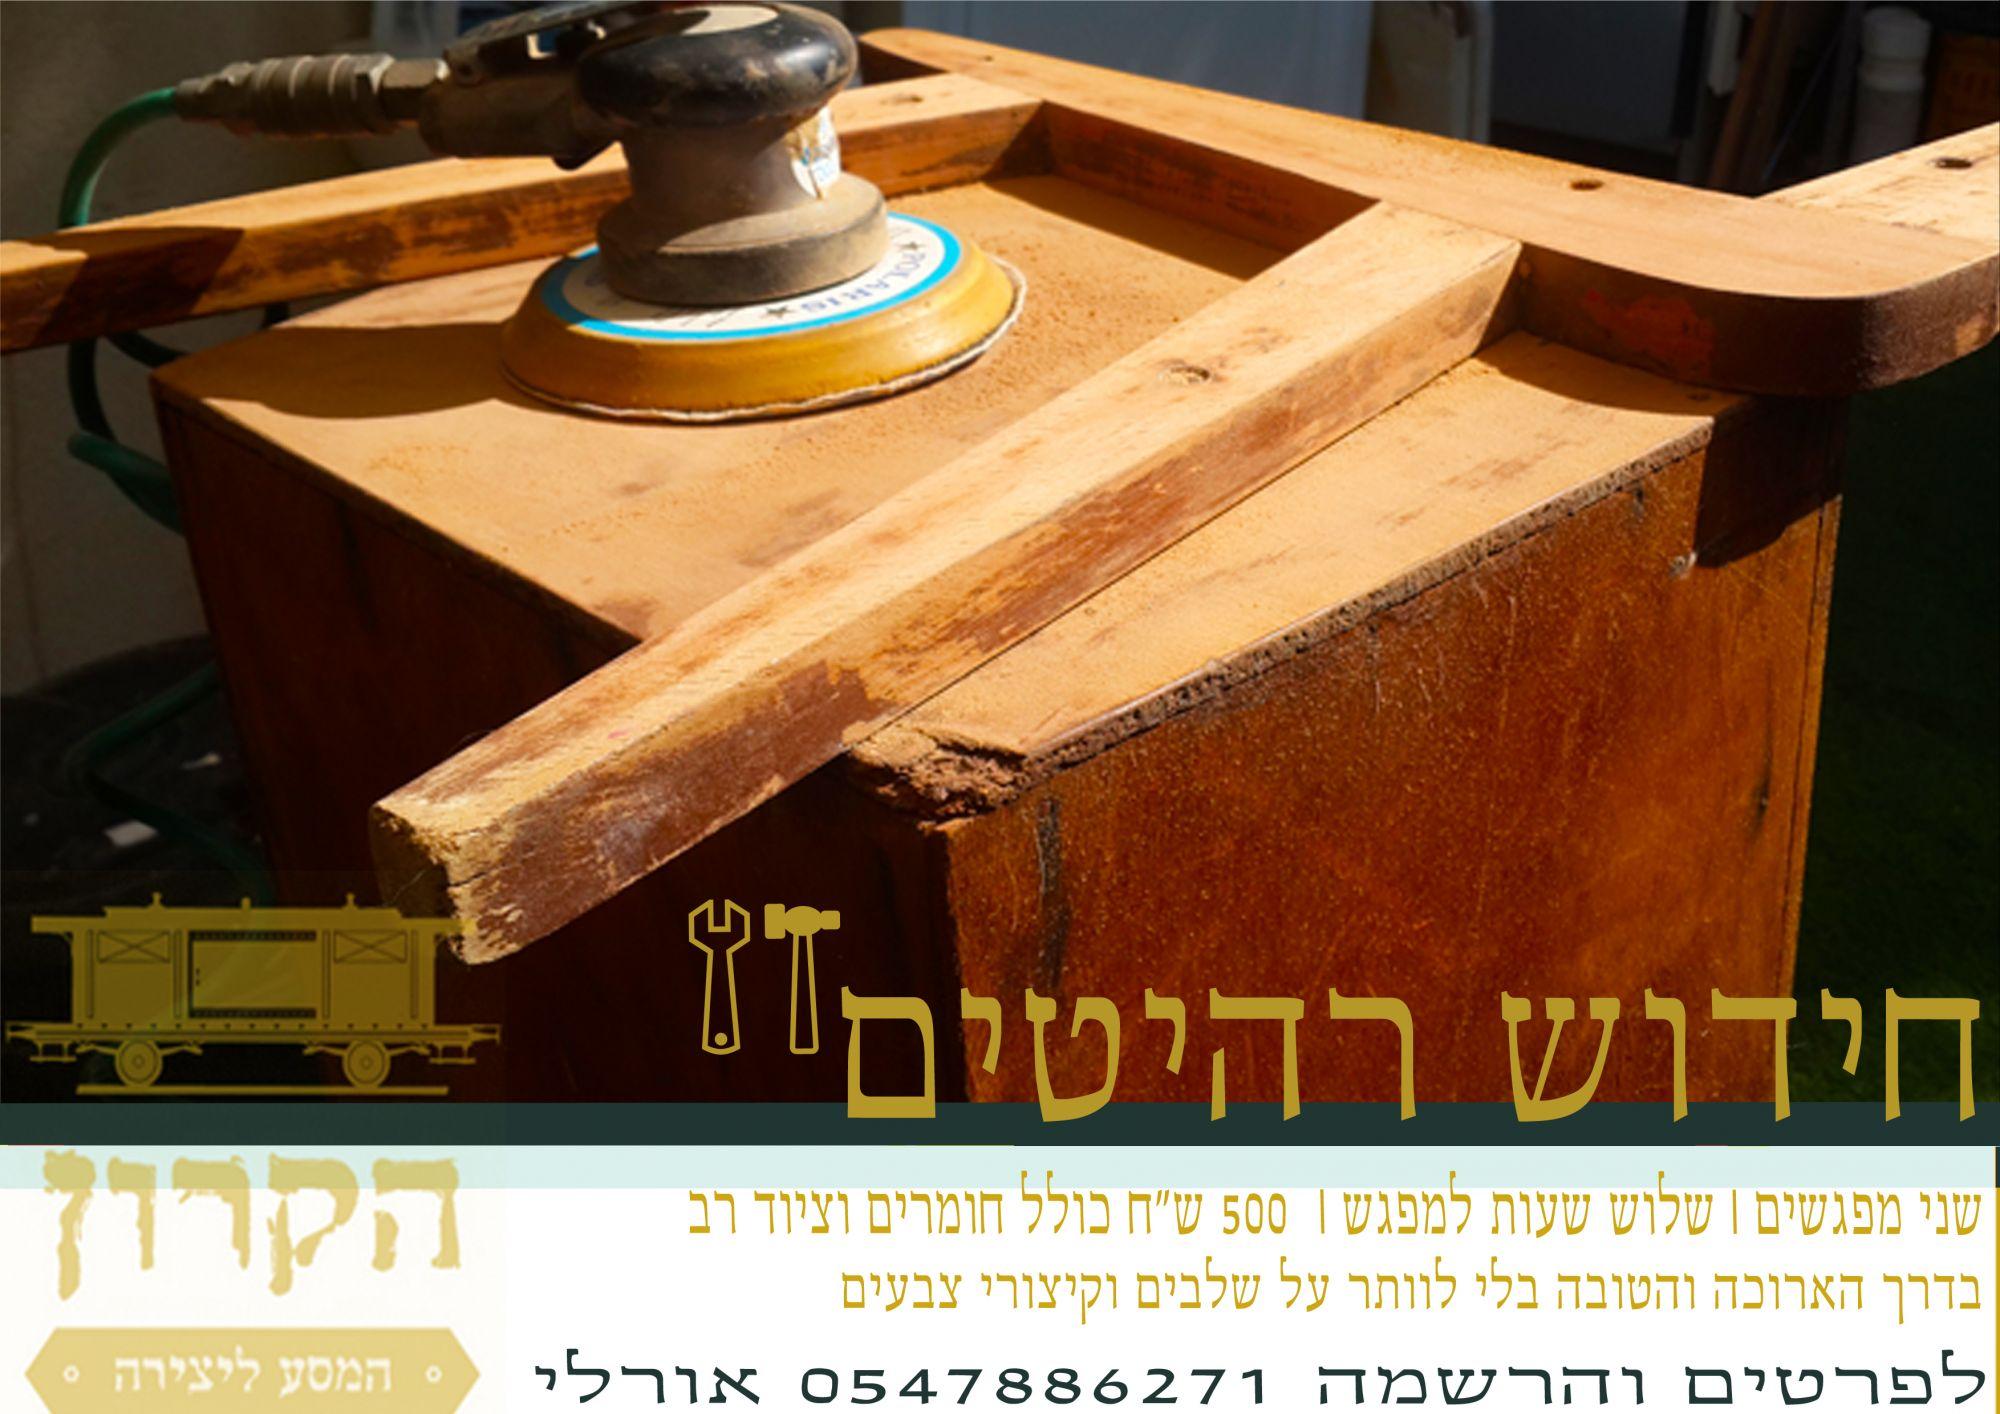 חידוש ושיפוץ רהיטים